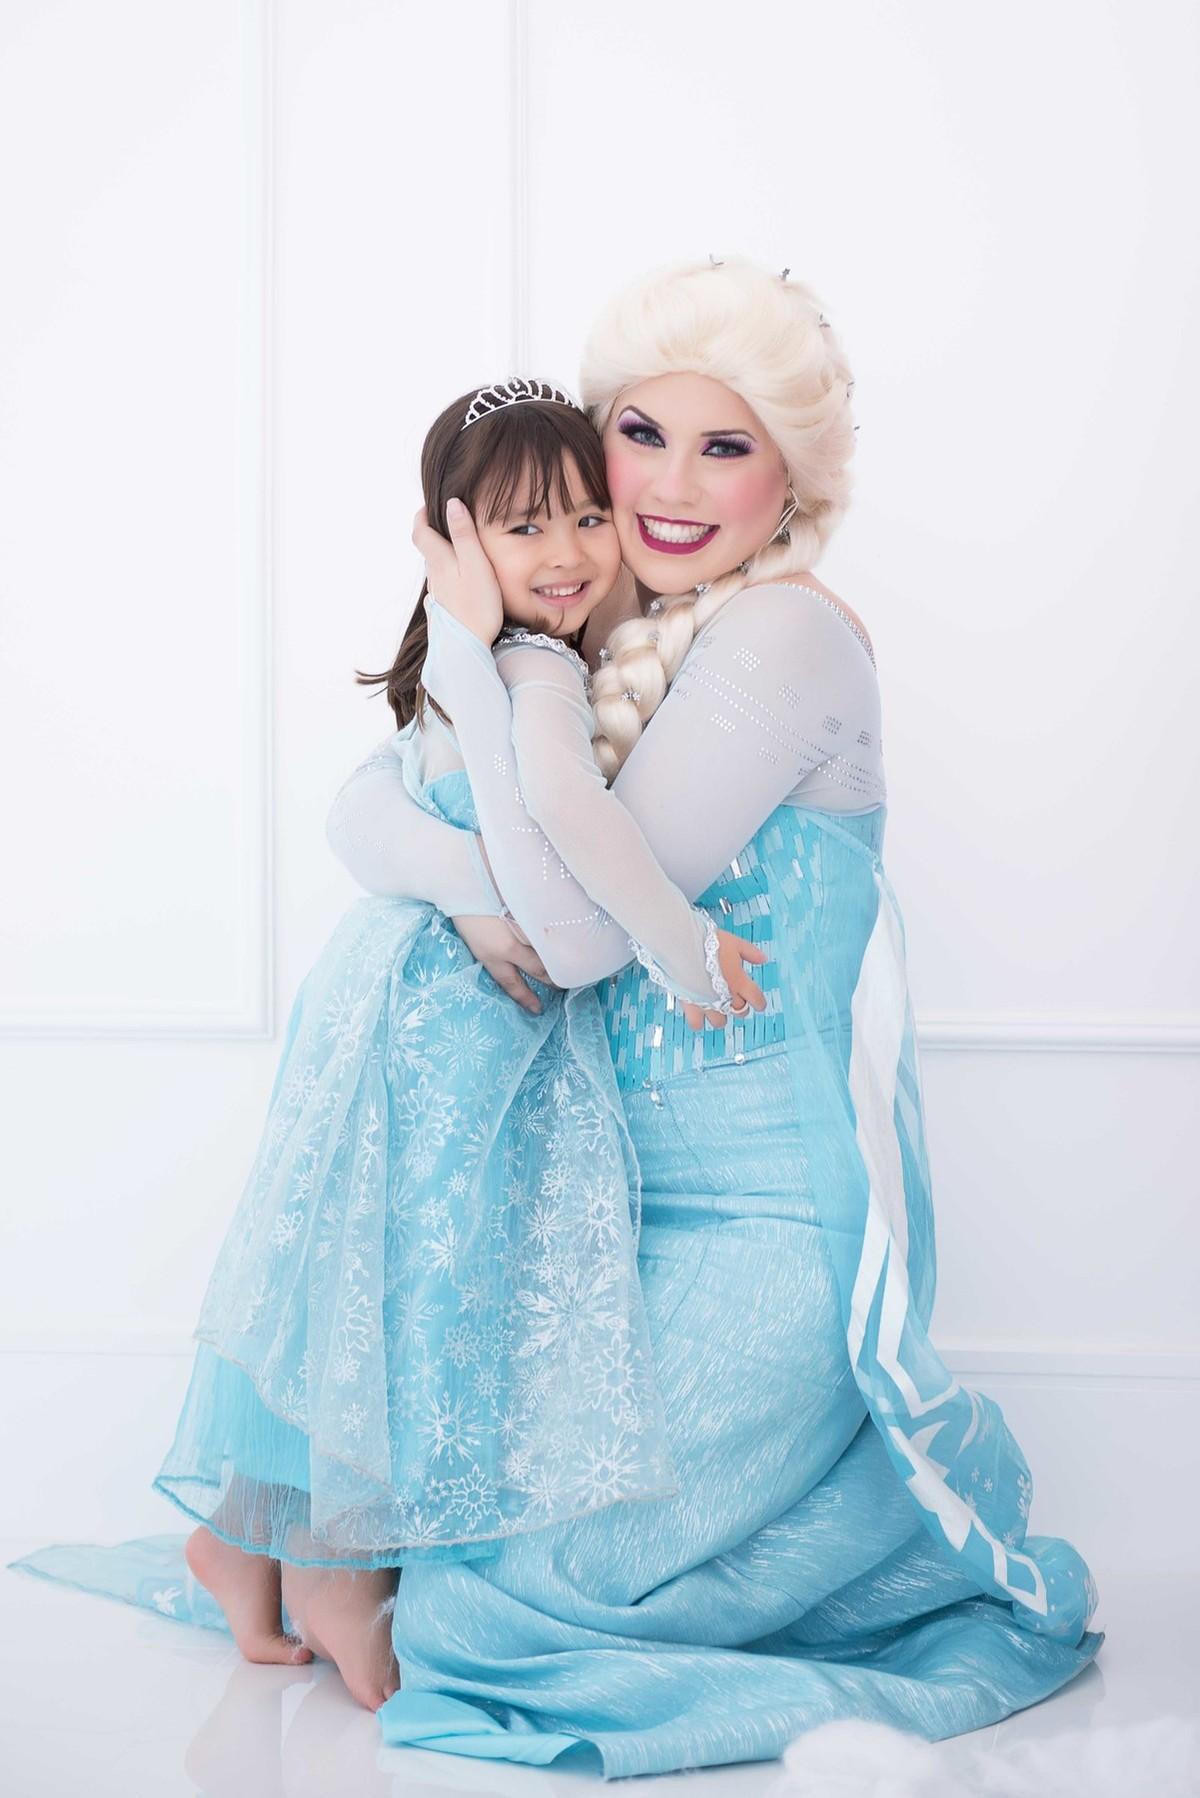 Ensaio fotográfico princesas - elsa e ana - Estúdio - neve - nuvem - abraço